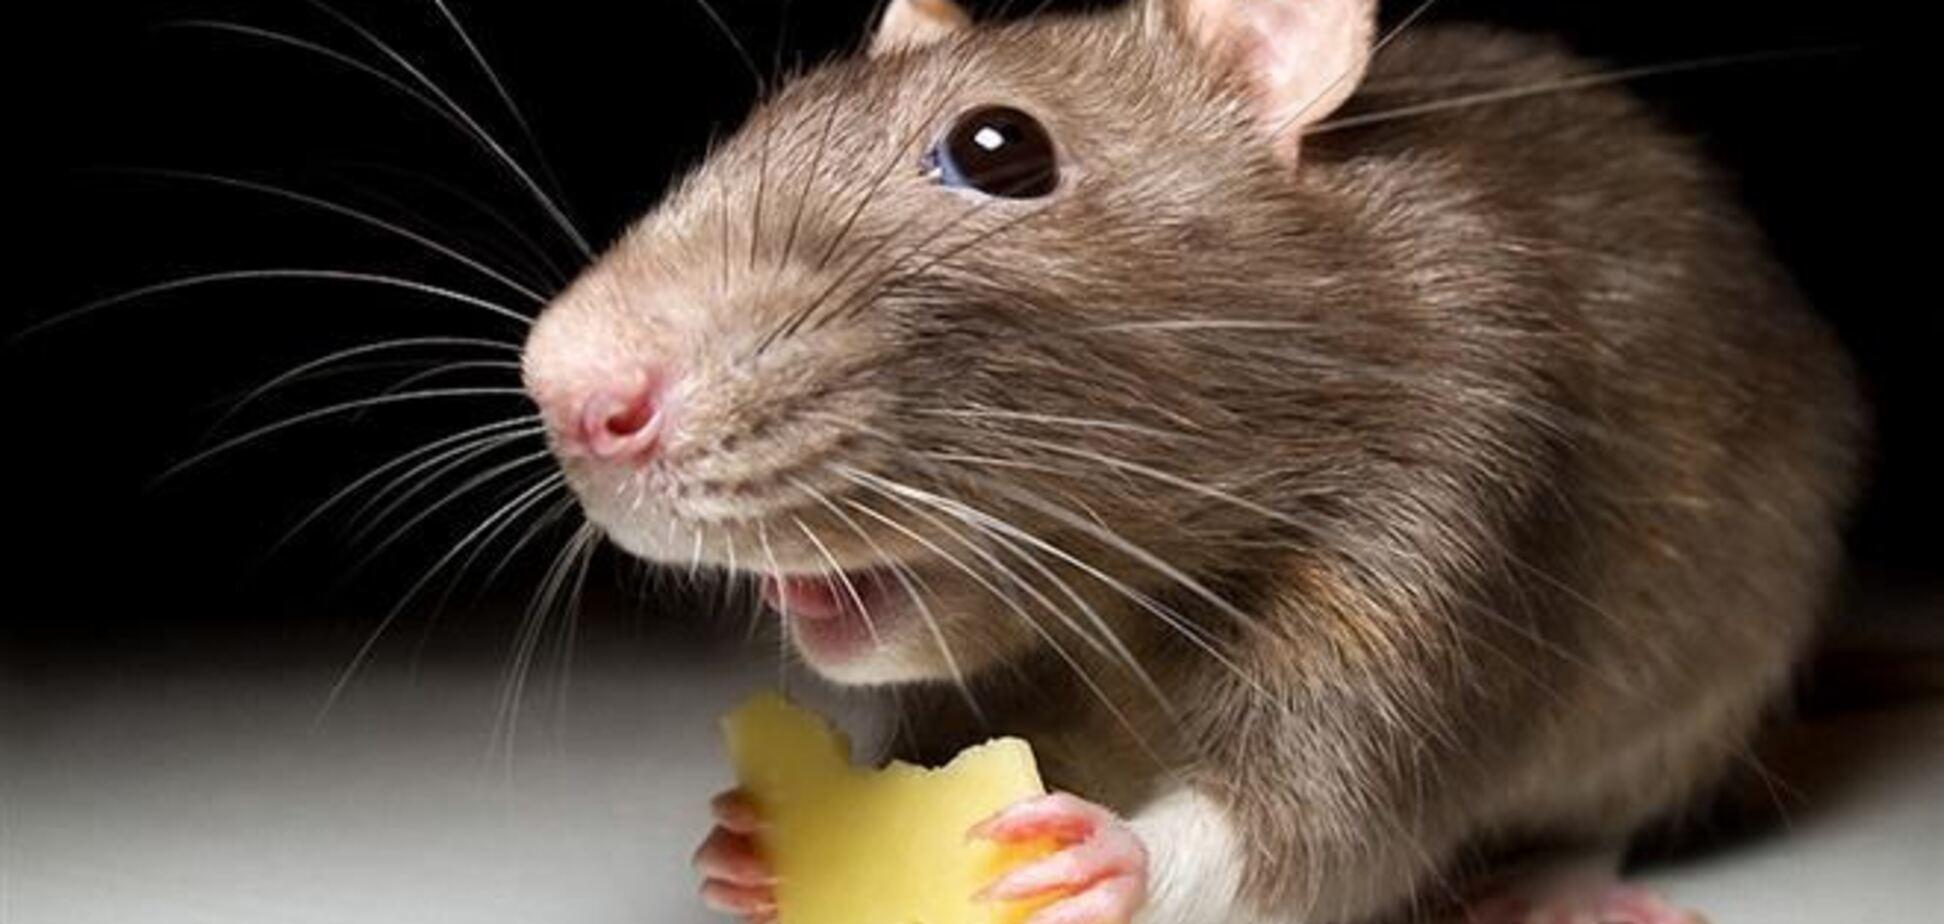 Мышь покорила Интернет своей настойчивостью